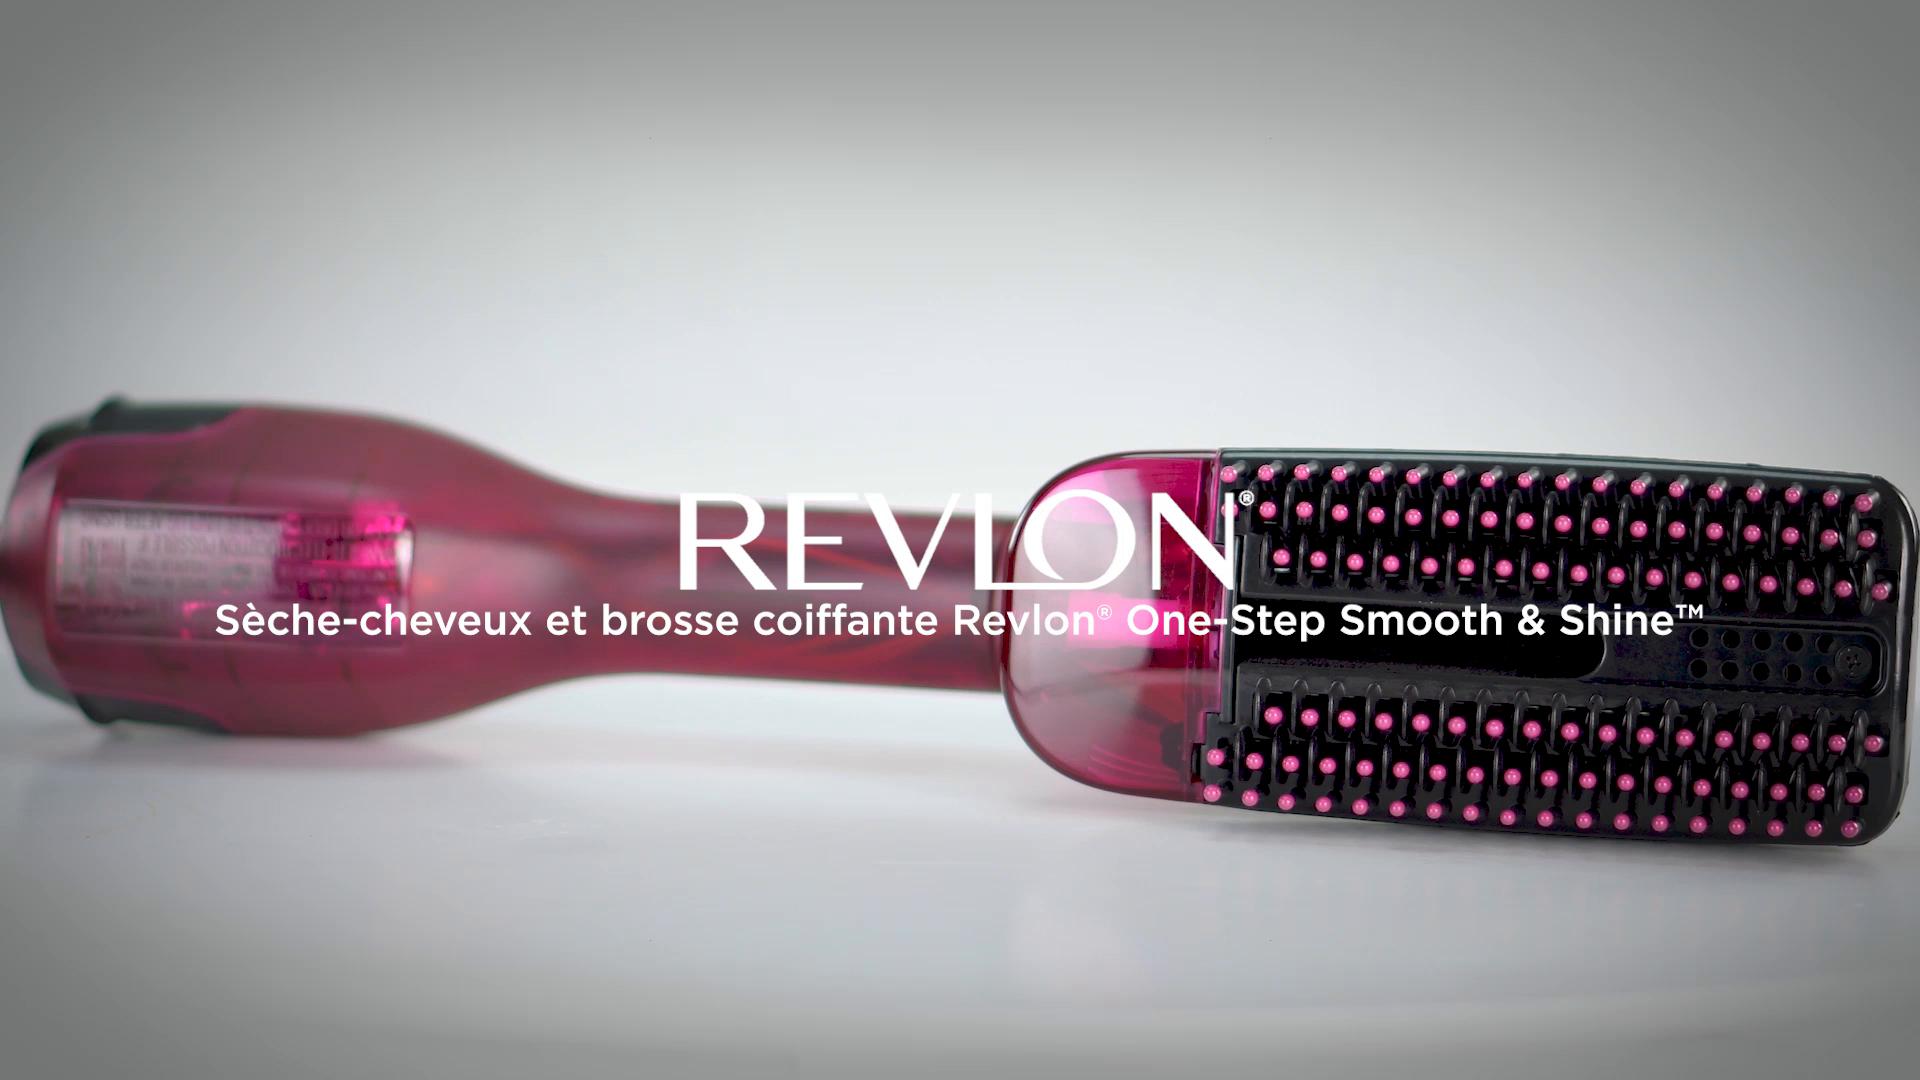 REVLON Sèche Cheveux Et Brosse Coiffante Revlon Pro Collection Salon One Step Smooth & Shine, Rvdr5232 Sèche Et Coiffe Pour Des Cheveux En Pleine